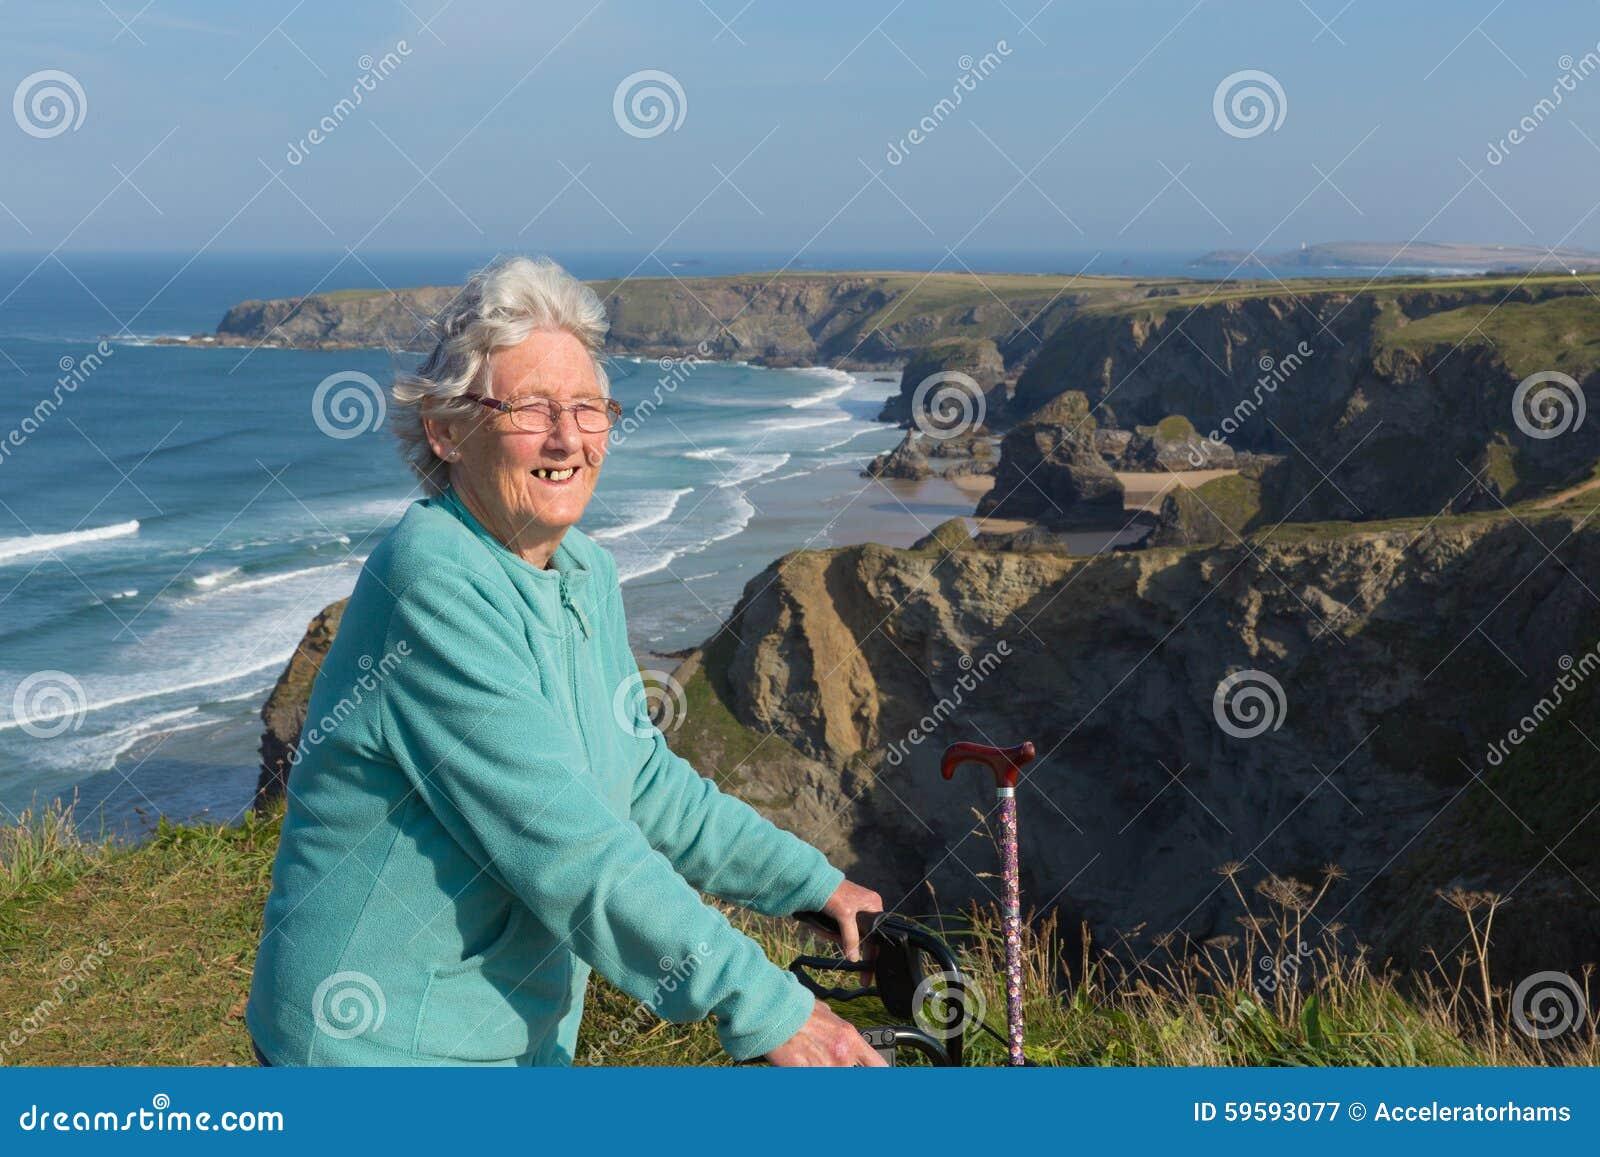 Aktywny szczęśliwy starszy żeński emeryt w lata osiemdziesiąte z ruchliwość ramowym i chodzącym kijem piękną brzegową sceną